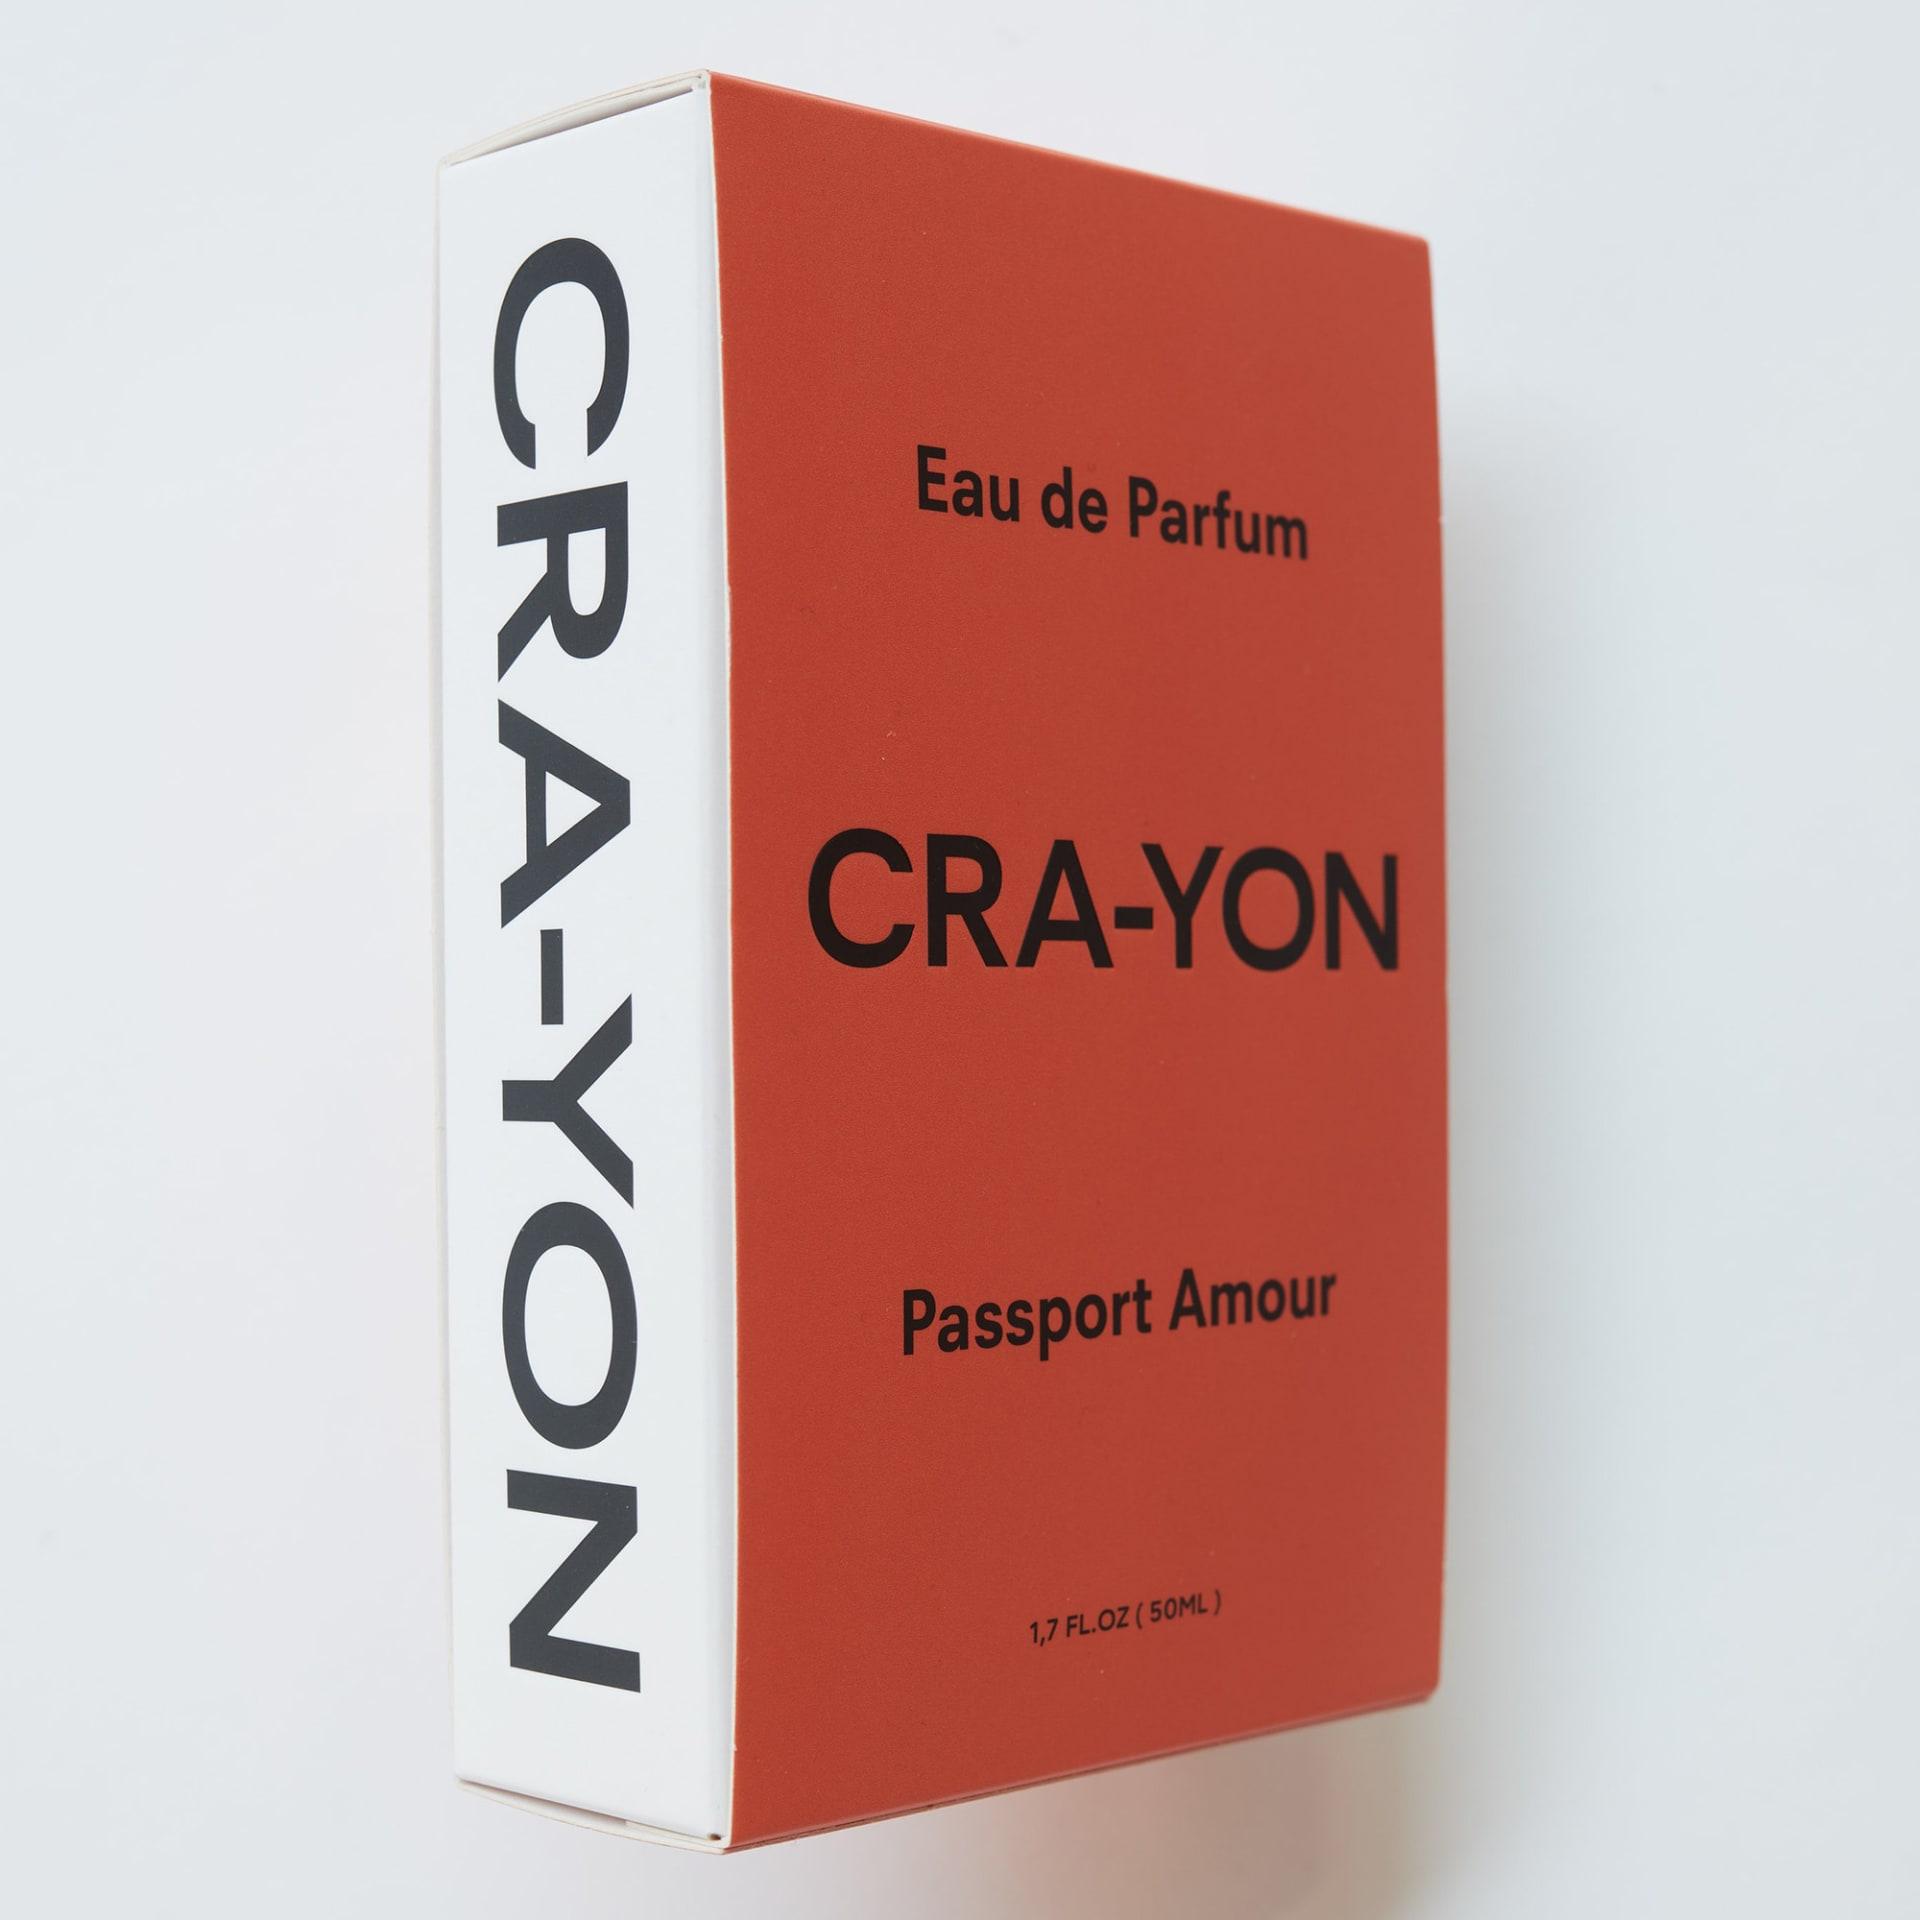 cra-yon-passport-amour-3